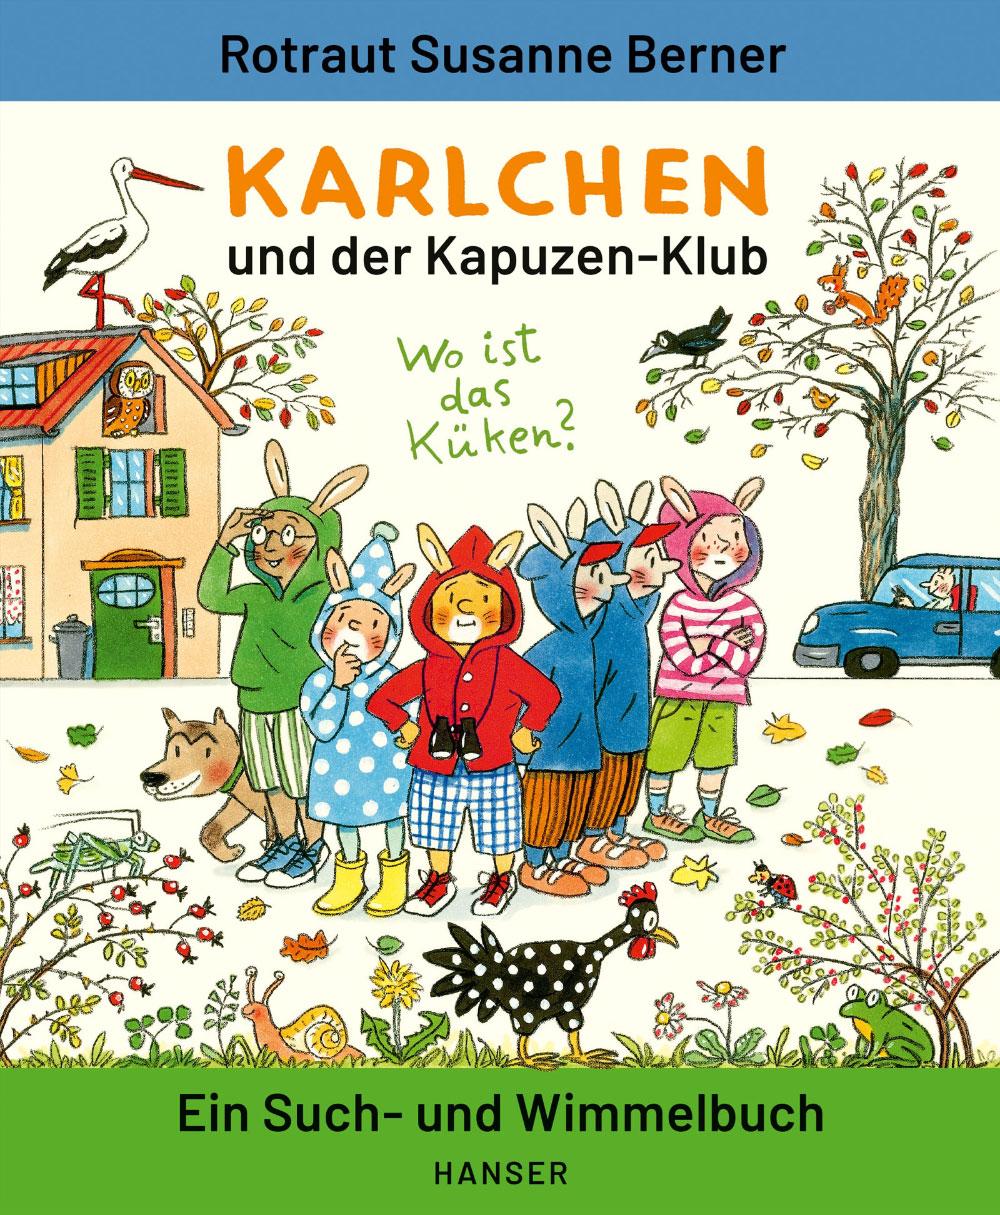 »Karlchen und der Kapuzen-Klub« — HANSER